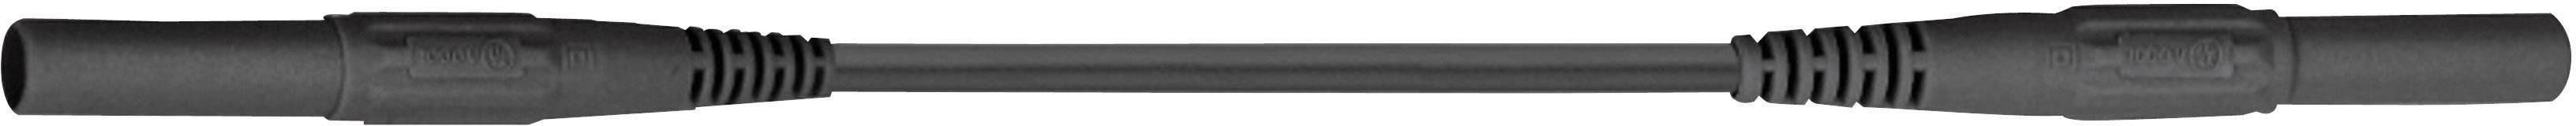 Měřicí silikonový kabel banánek 4 mm ⇔ banánek 4 mm MultiContact XMF-419, 0,5 m, černá